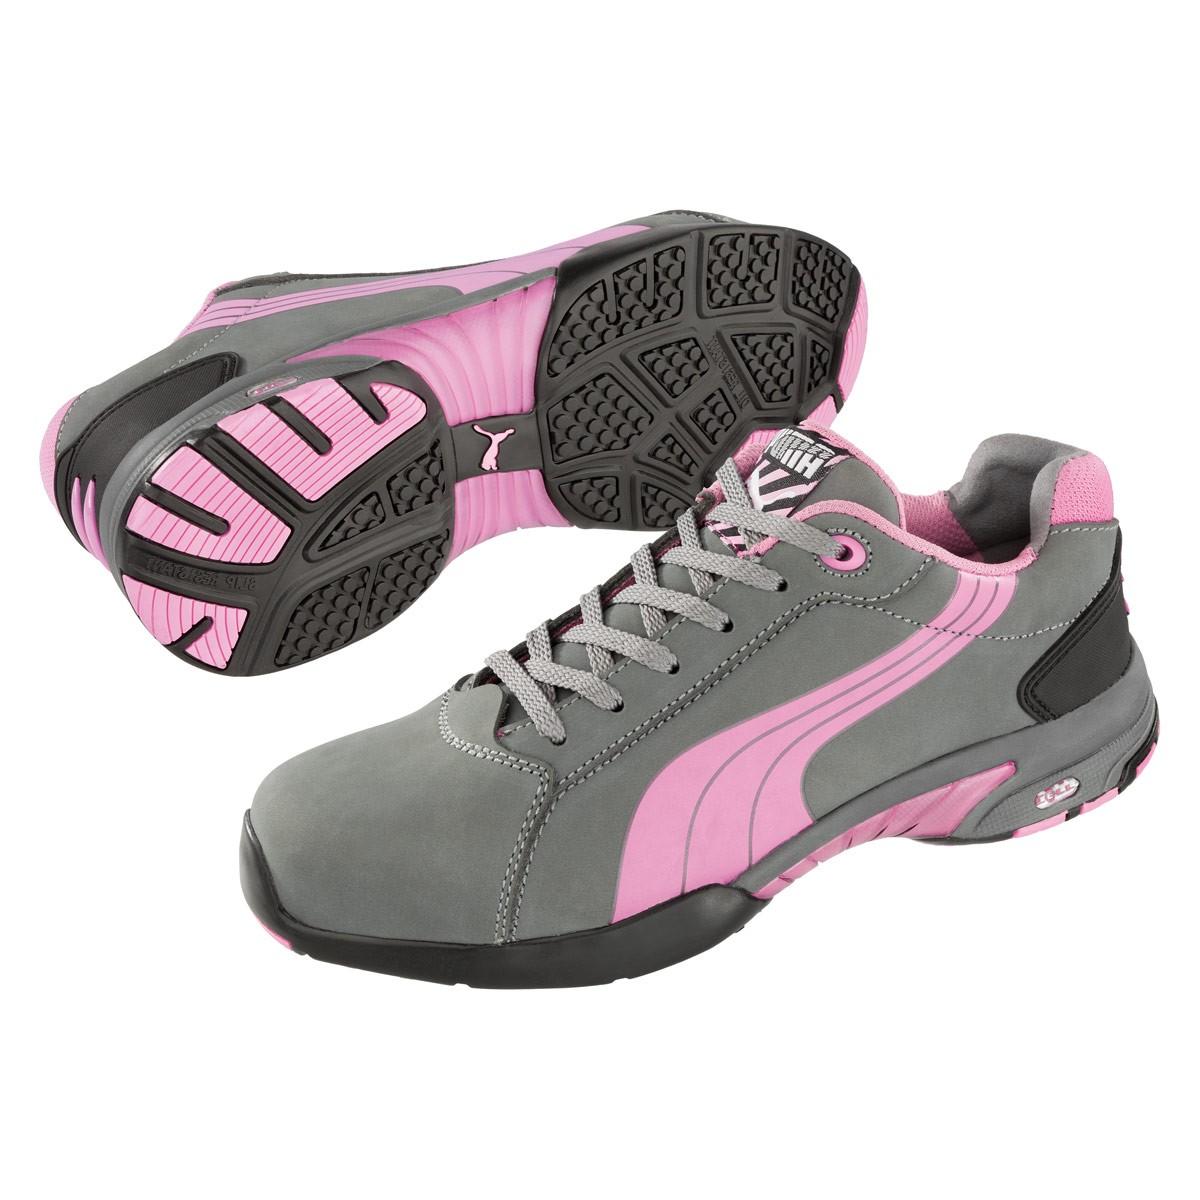 Im genes de zapatos de seguridad 15 modelos incre bles - Calzados de seguridad ...